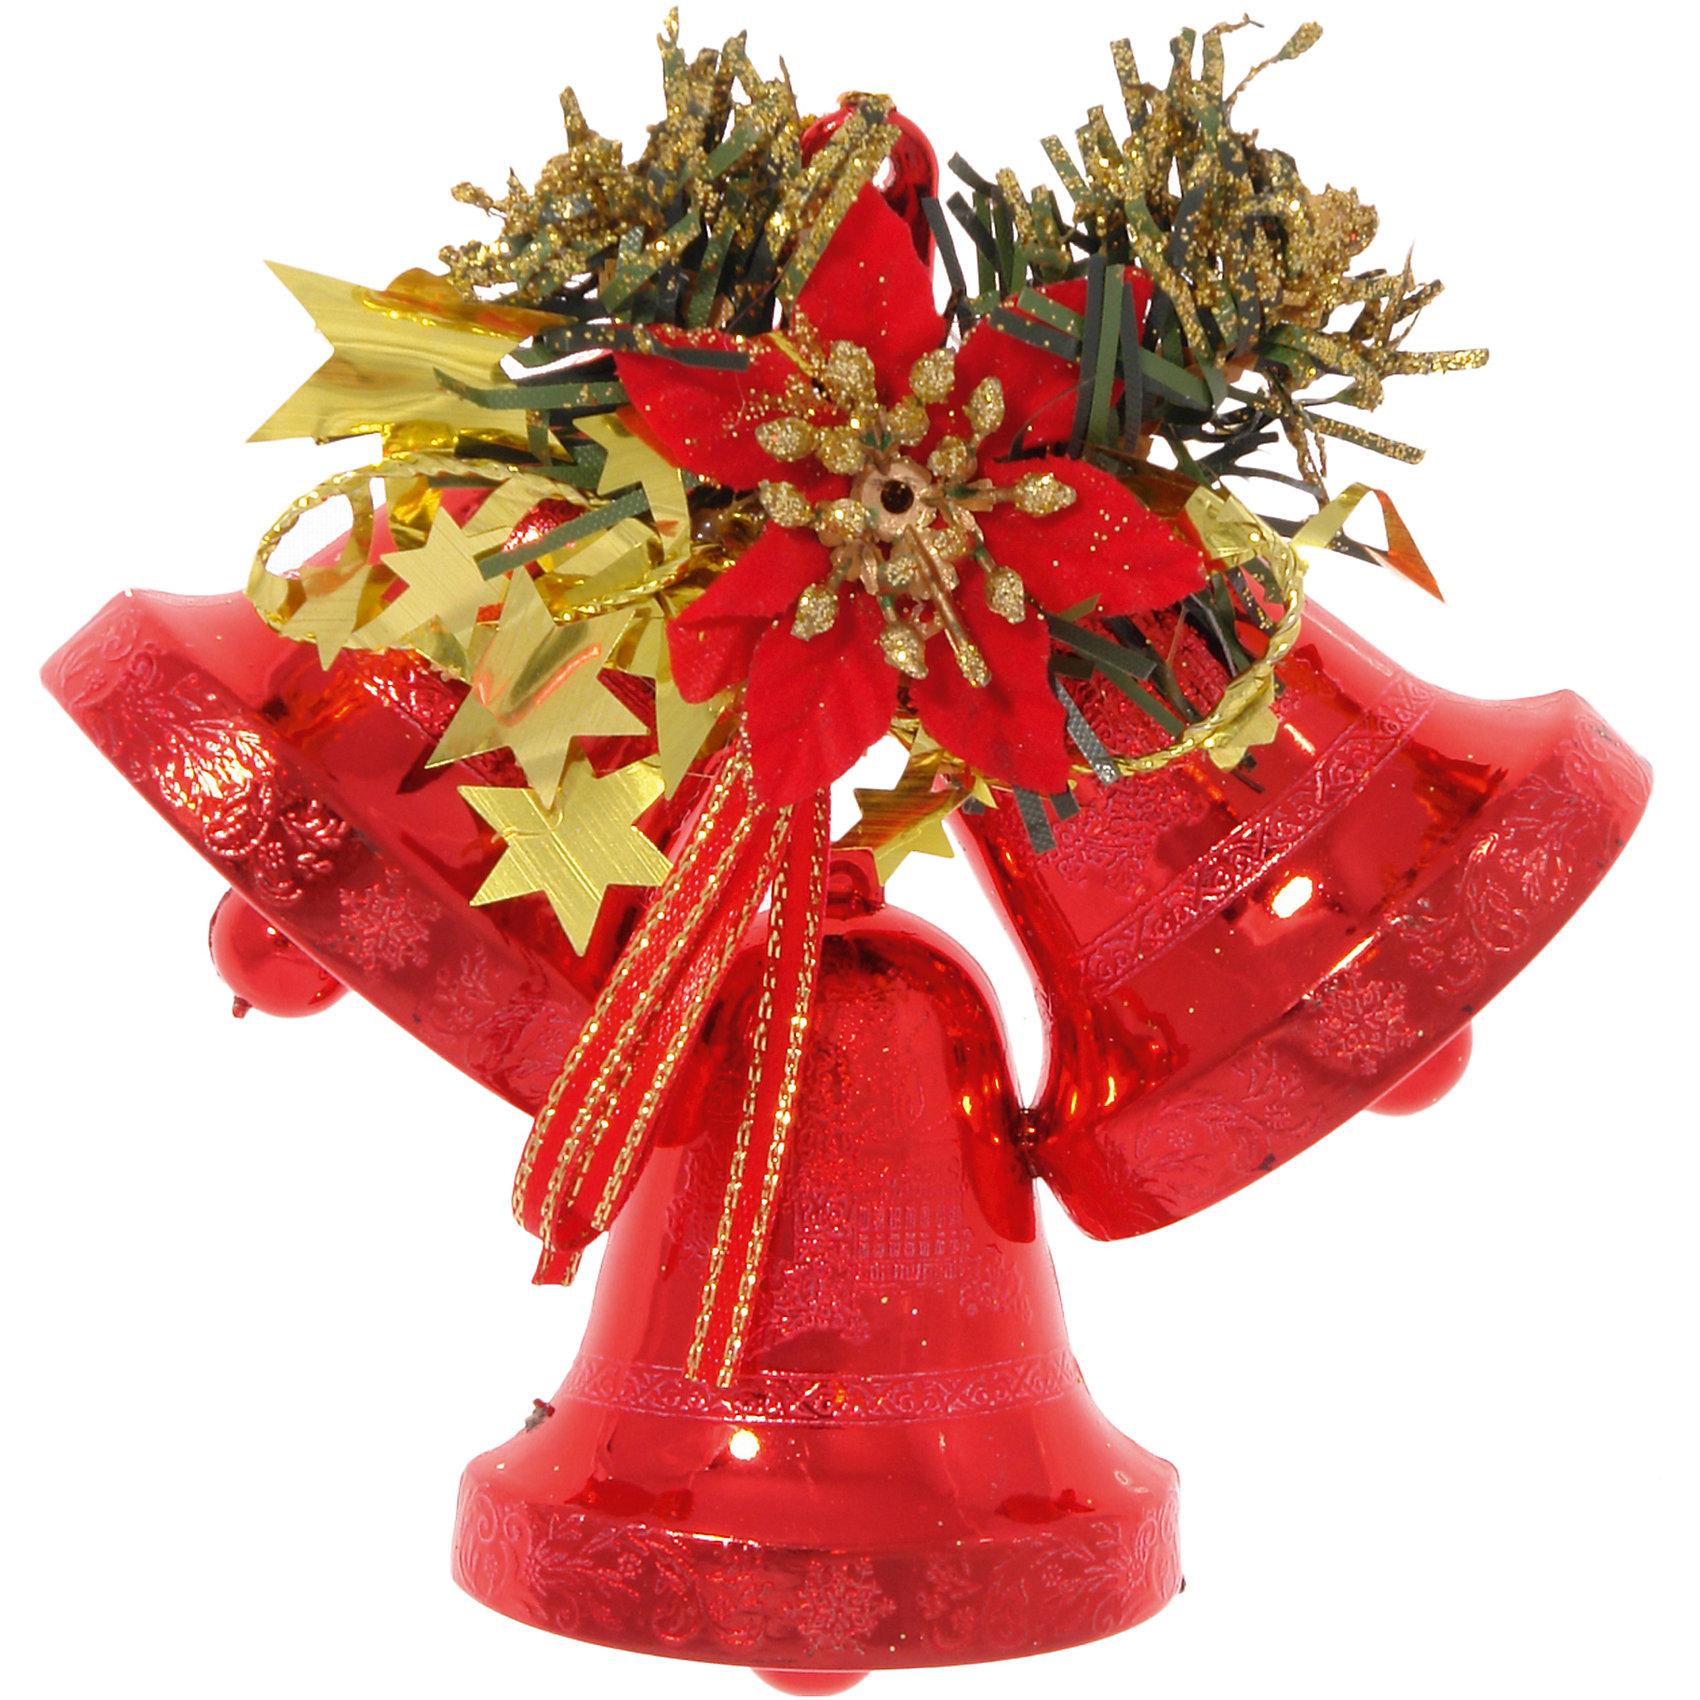 Подвесное красное украшение Колокольчики с декоромНовинки Новый Год<br>Подвесное красное украшение Колокольчики с декором, Волшебная страна, замечательно украсит Ваш новогодний интерьер или новогоднюю елку и создаст праздничное новогоднее настроение. Украшение выполнено в виде связки из трех пластиковых колокольчиков. Вся композиция декорирована искусственными еловыми ветками, золотыми звездочками и большим красным цветком. Благодаря специальной петельке украшение можно повесить в любом понравившемся Вам месте.<br><br>Дополнительная информация:<br><br>- Цвет: красный.<br>- Материал: пластик, ткань.<br>- Размер: 12,7 см.<br>- Размер упаковки: 16 х 2 х 13 см.<br>- Вес: 24 гр. <br><br>Подвесное красное украшение Колокольчики с декором, Волшебная страна, можно купить в нашем интернет-магазине.<br><br>Ширина мм: 160<br>Глубина мм: 20<br>Высота мм: 130<br>Вес г: 24<br>Возраст от месяцев: 36<br>Возраст до месяцев: 2147483647<br>Пол: Унисекс<br>Возраст: Детский<br>SKU: 4288646